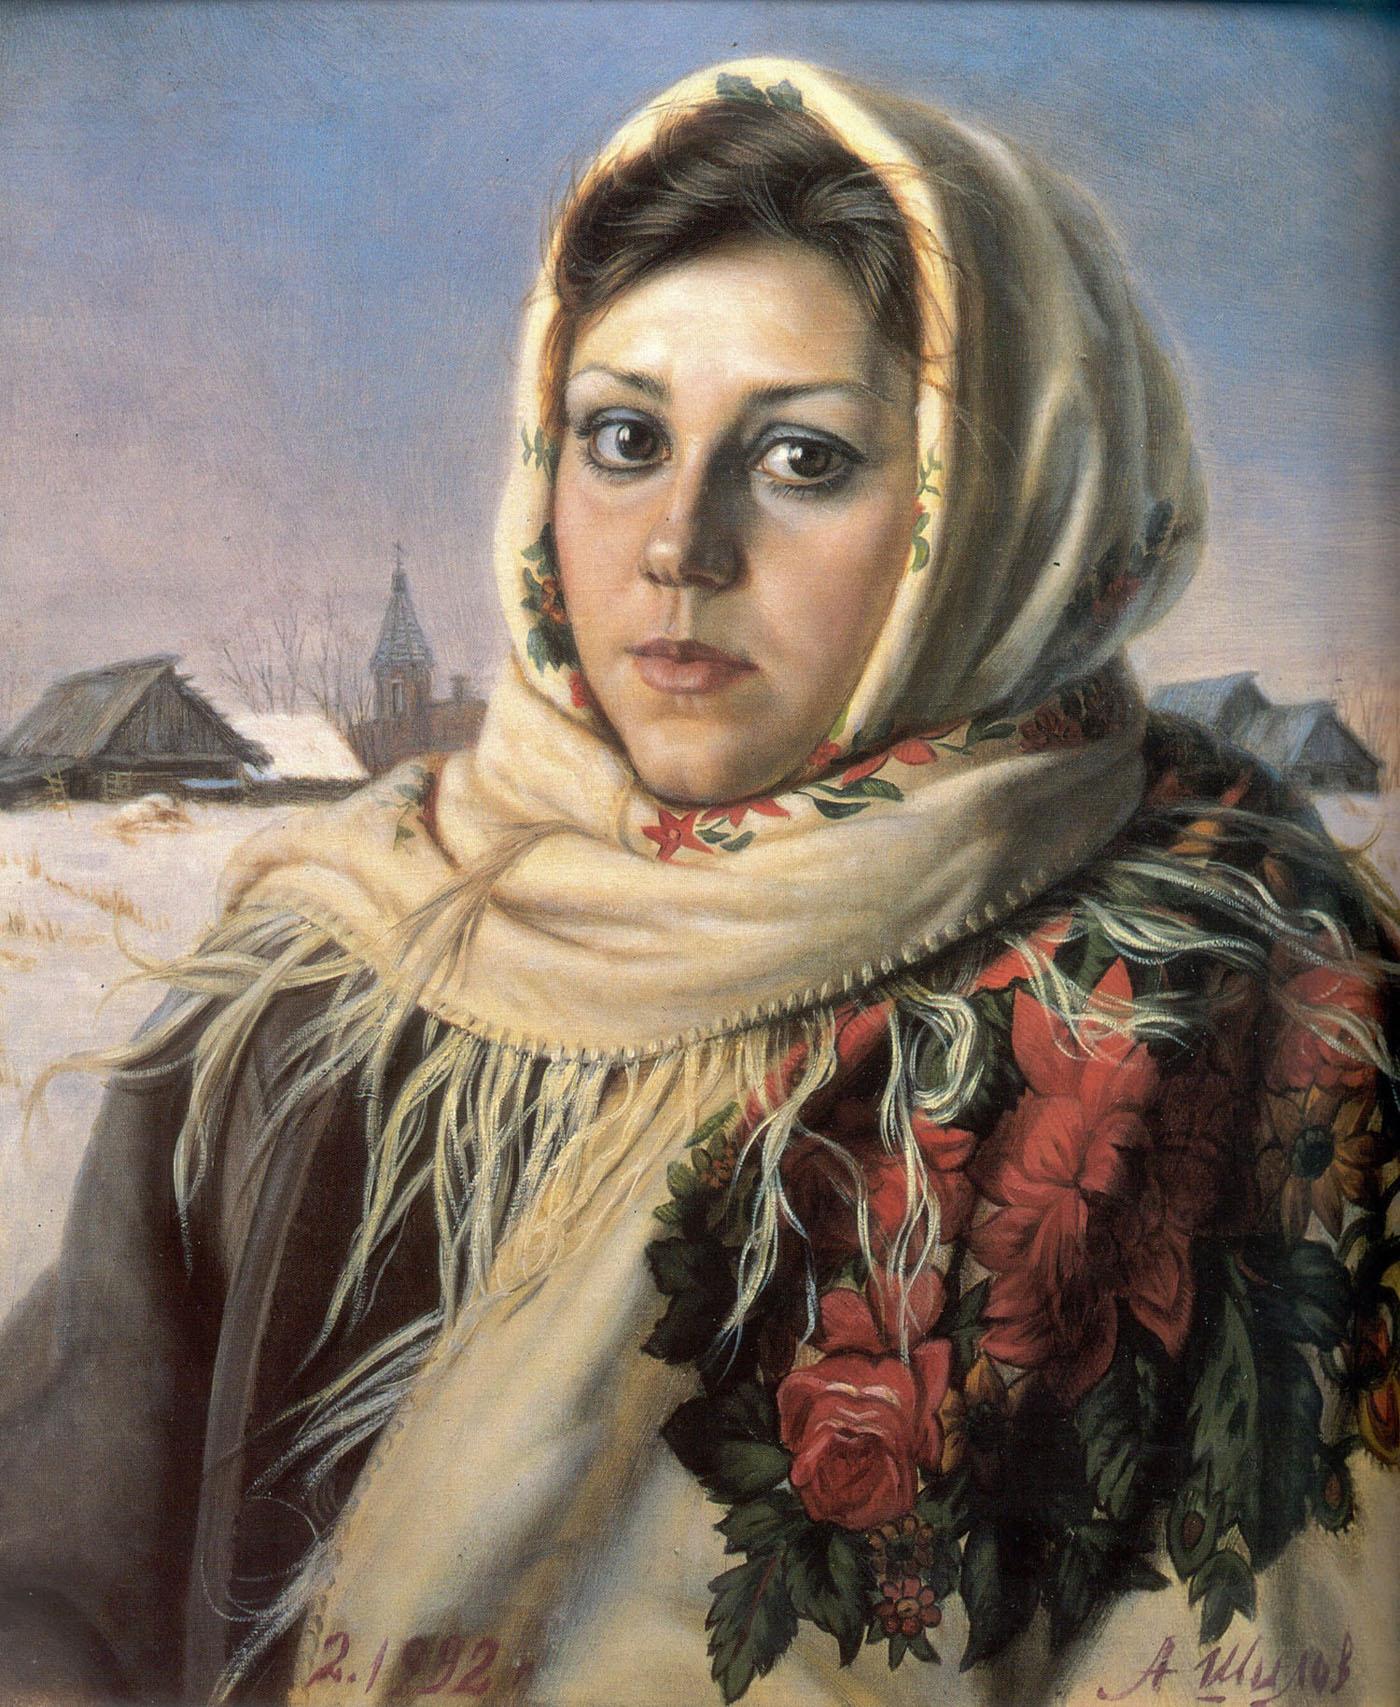 Александр Шилов. Русская красавица. 1992.